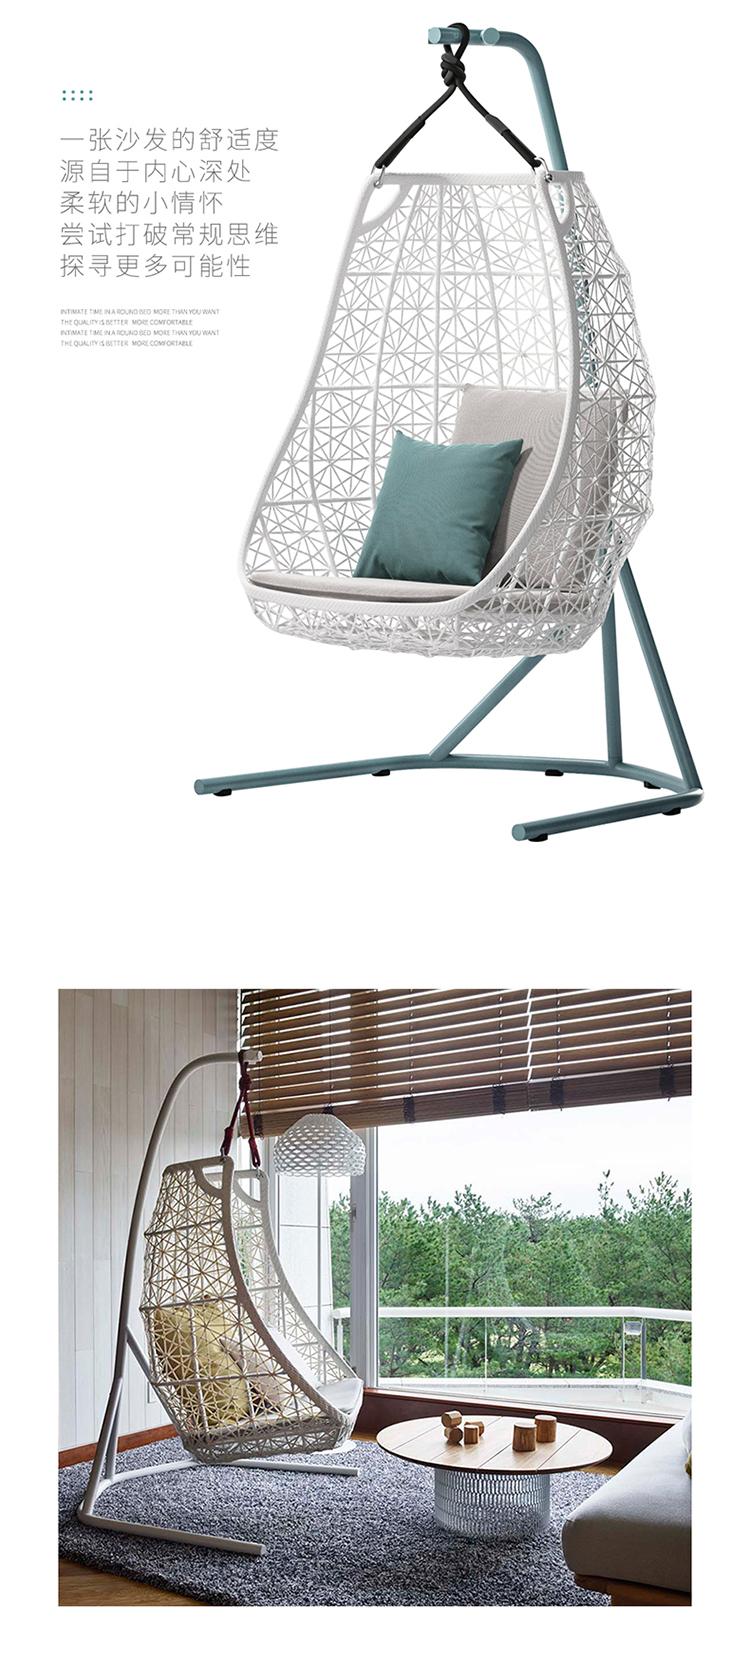 米尔-吊椅_11.jpg